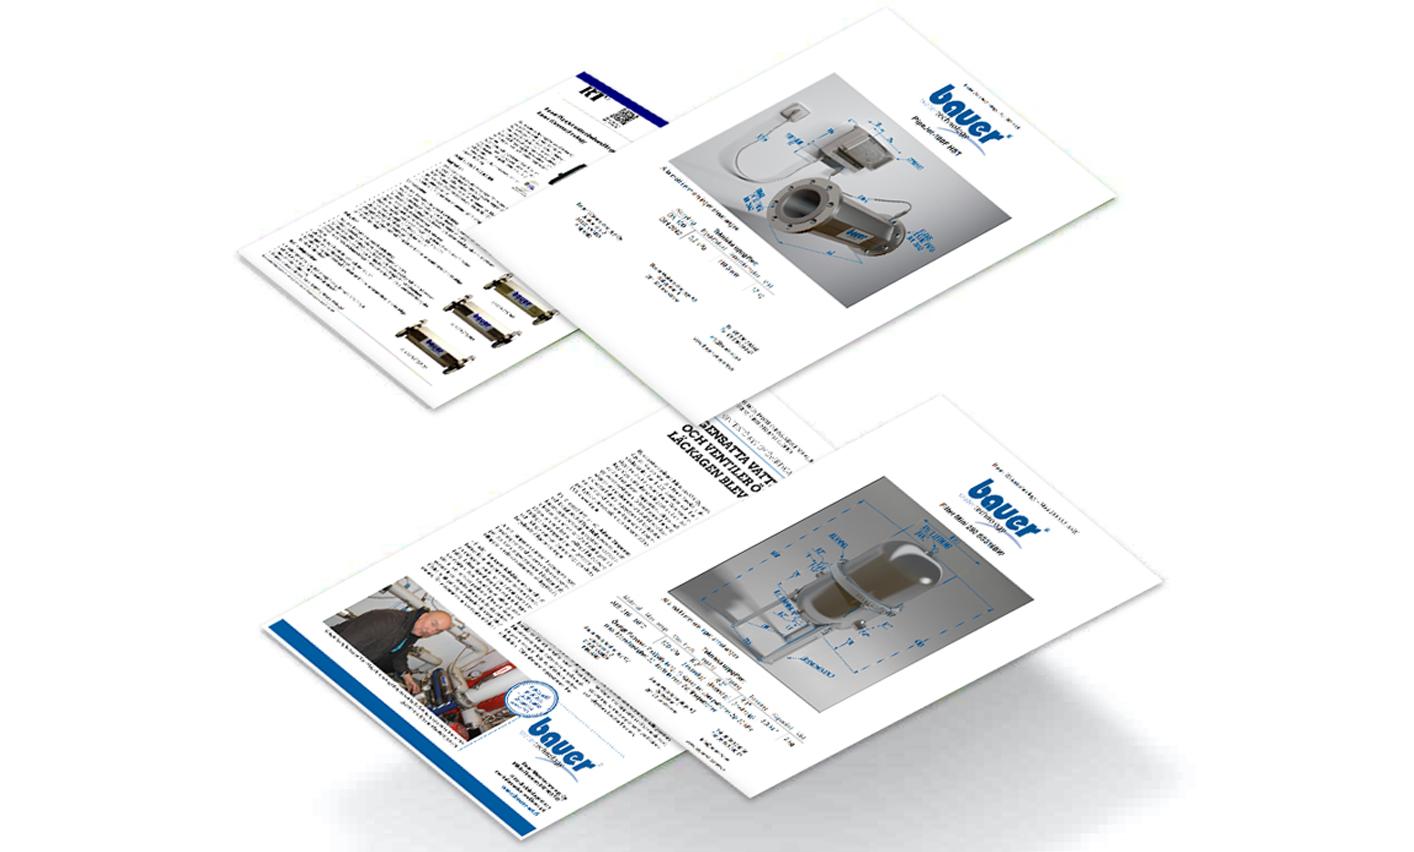 bakgrundsbild-produktblad Bauer Watertechnology